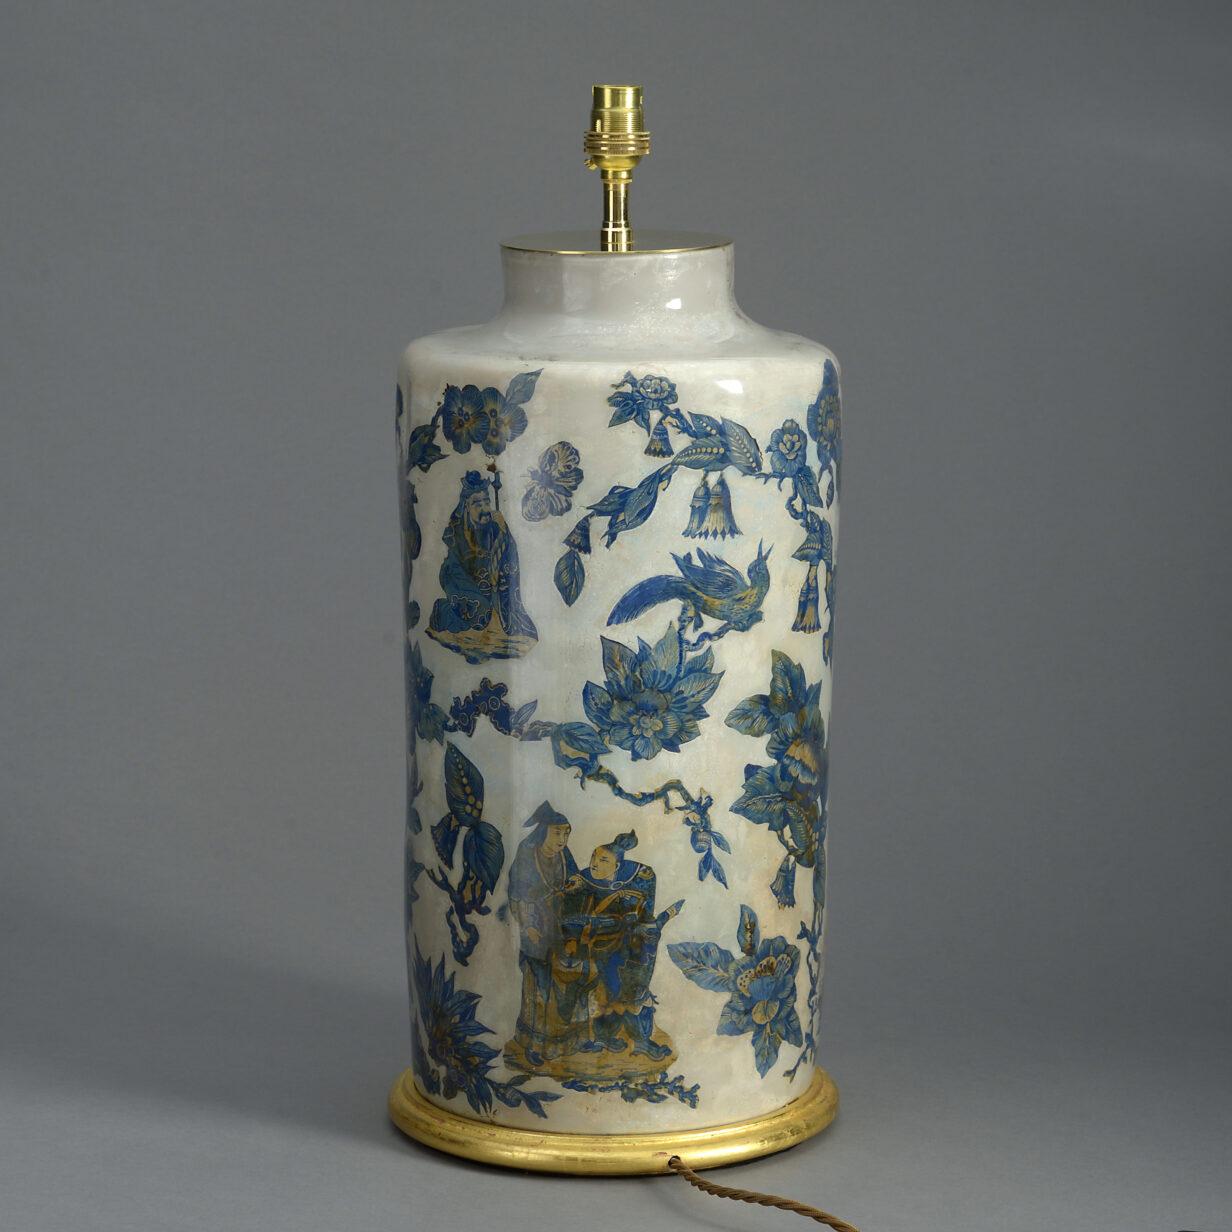 19th Century Decalcomania Vase lamp